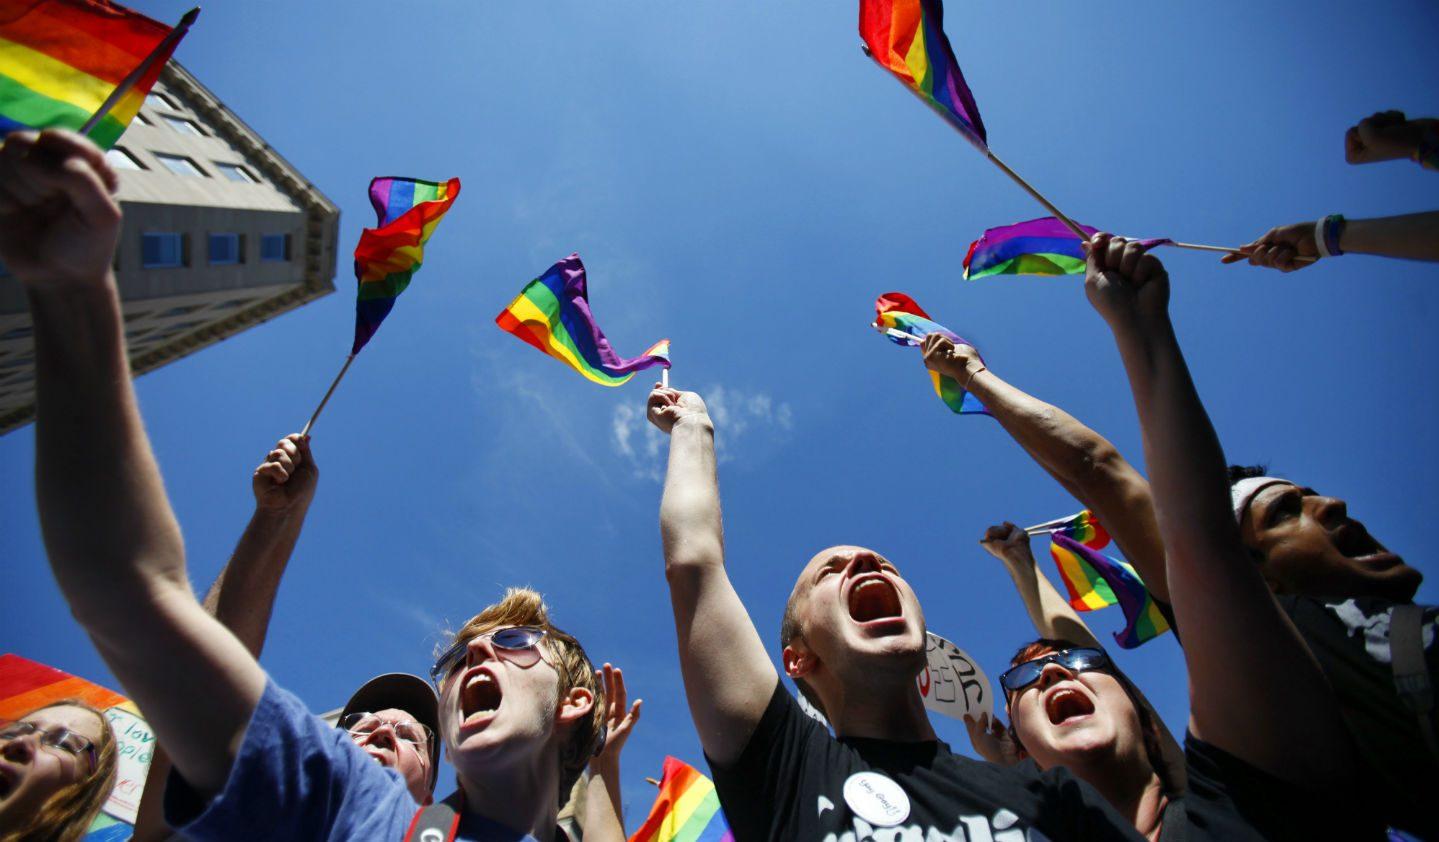 DÜNYADA BİR İLK! O Ülkede Artık Homofobi ve Transfobinin Cezası 3 Yıl Hapis!